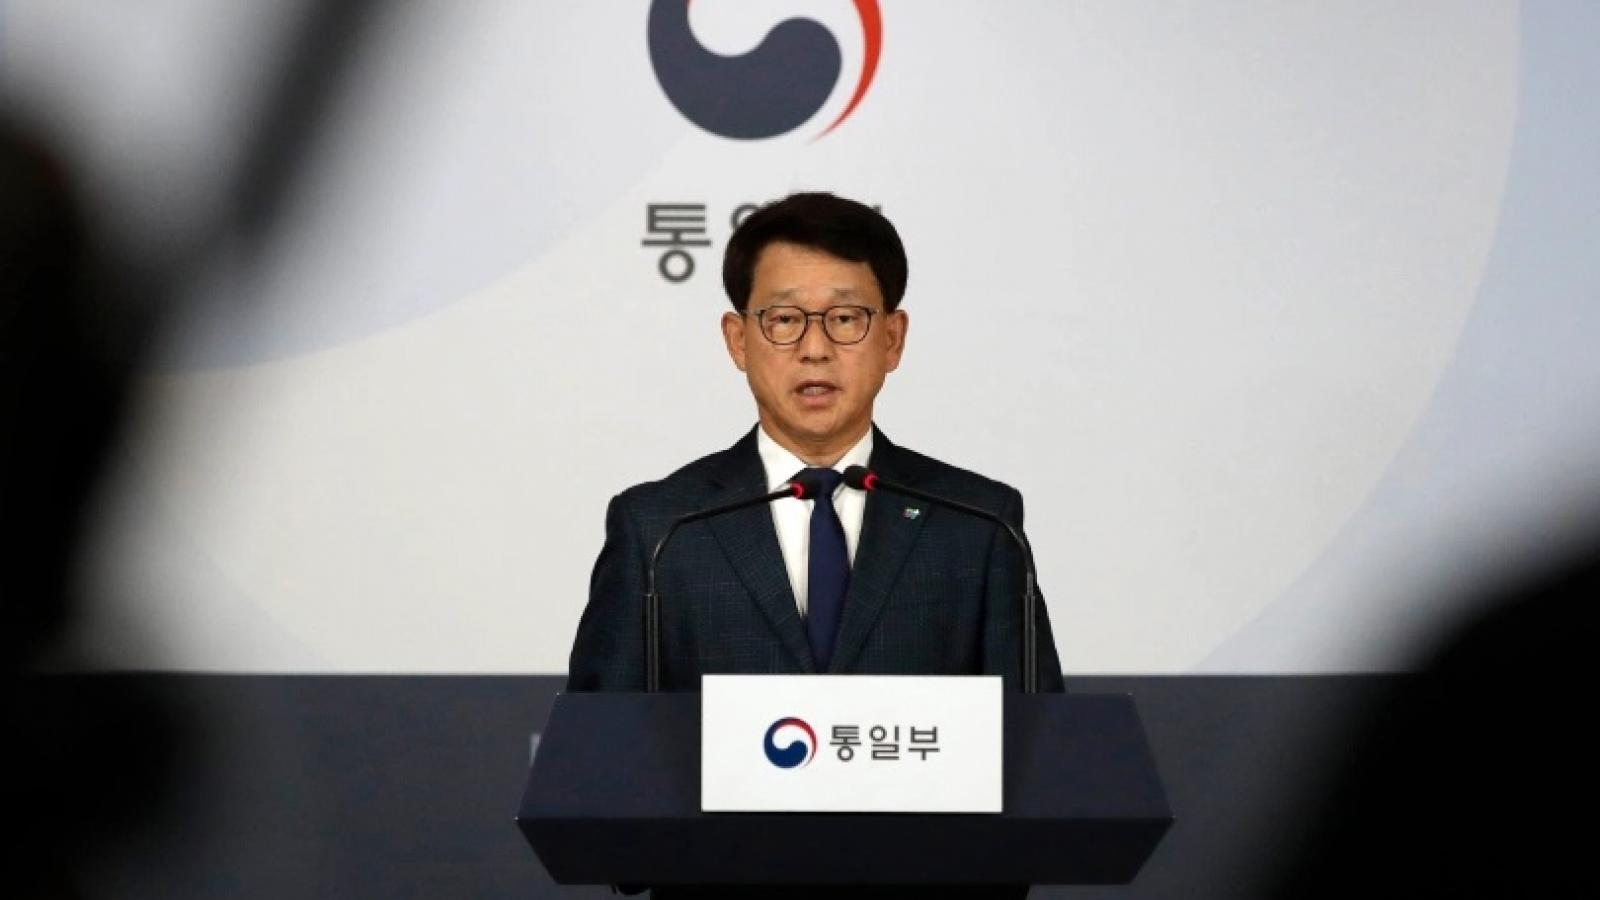 Hàn Quốc trừng phạt 2 tổ chức rải truyền đơn sang biên giới Triều Tiên